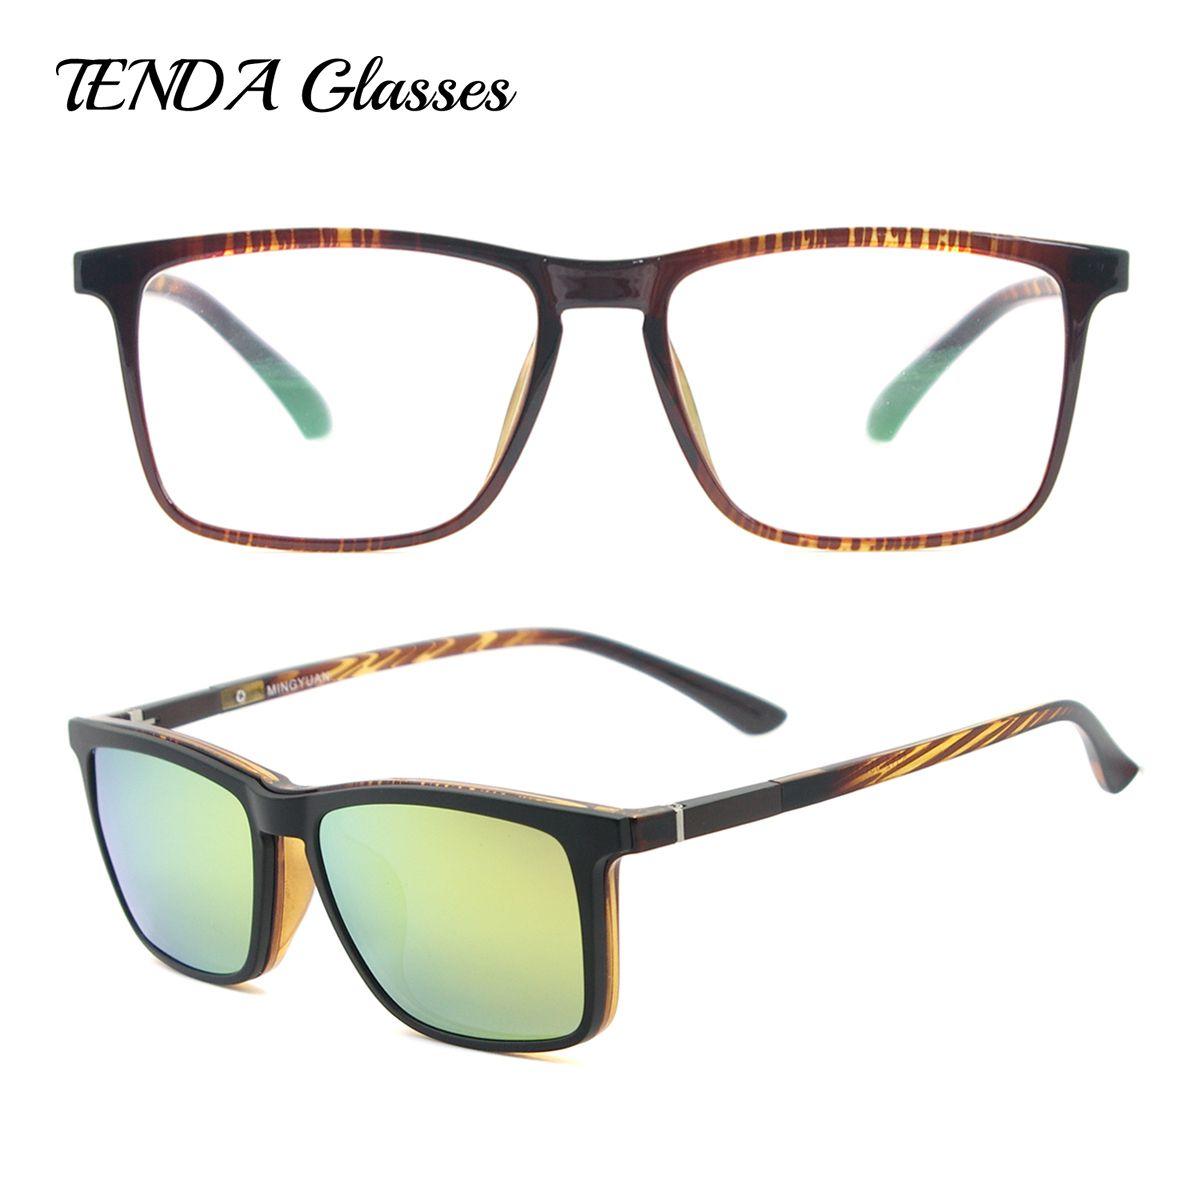 Hommes Carré Polarisées Clip Sur lunettes de Soleil Mode Léger Flexible TR90 Vintage Lunettes Cadres Pour Lentilles Degré